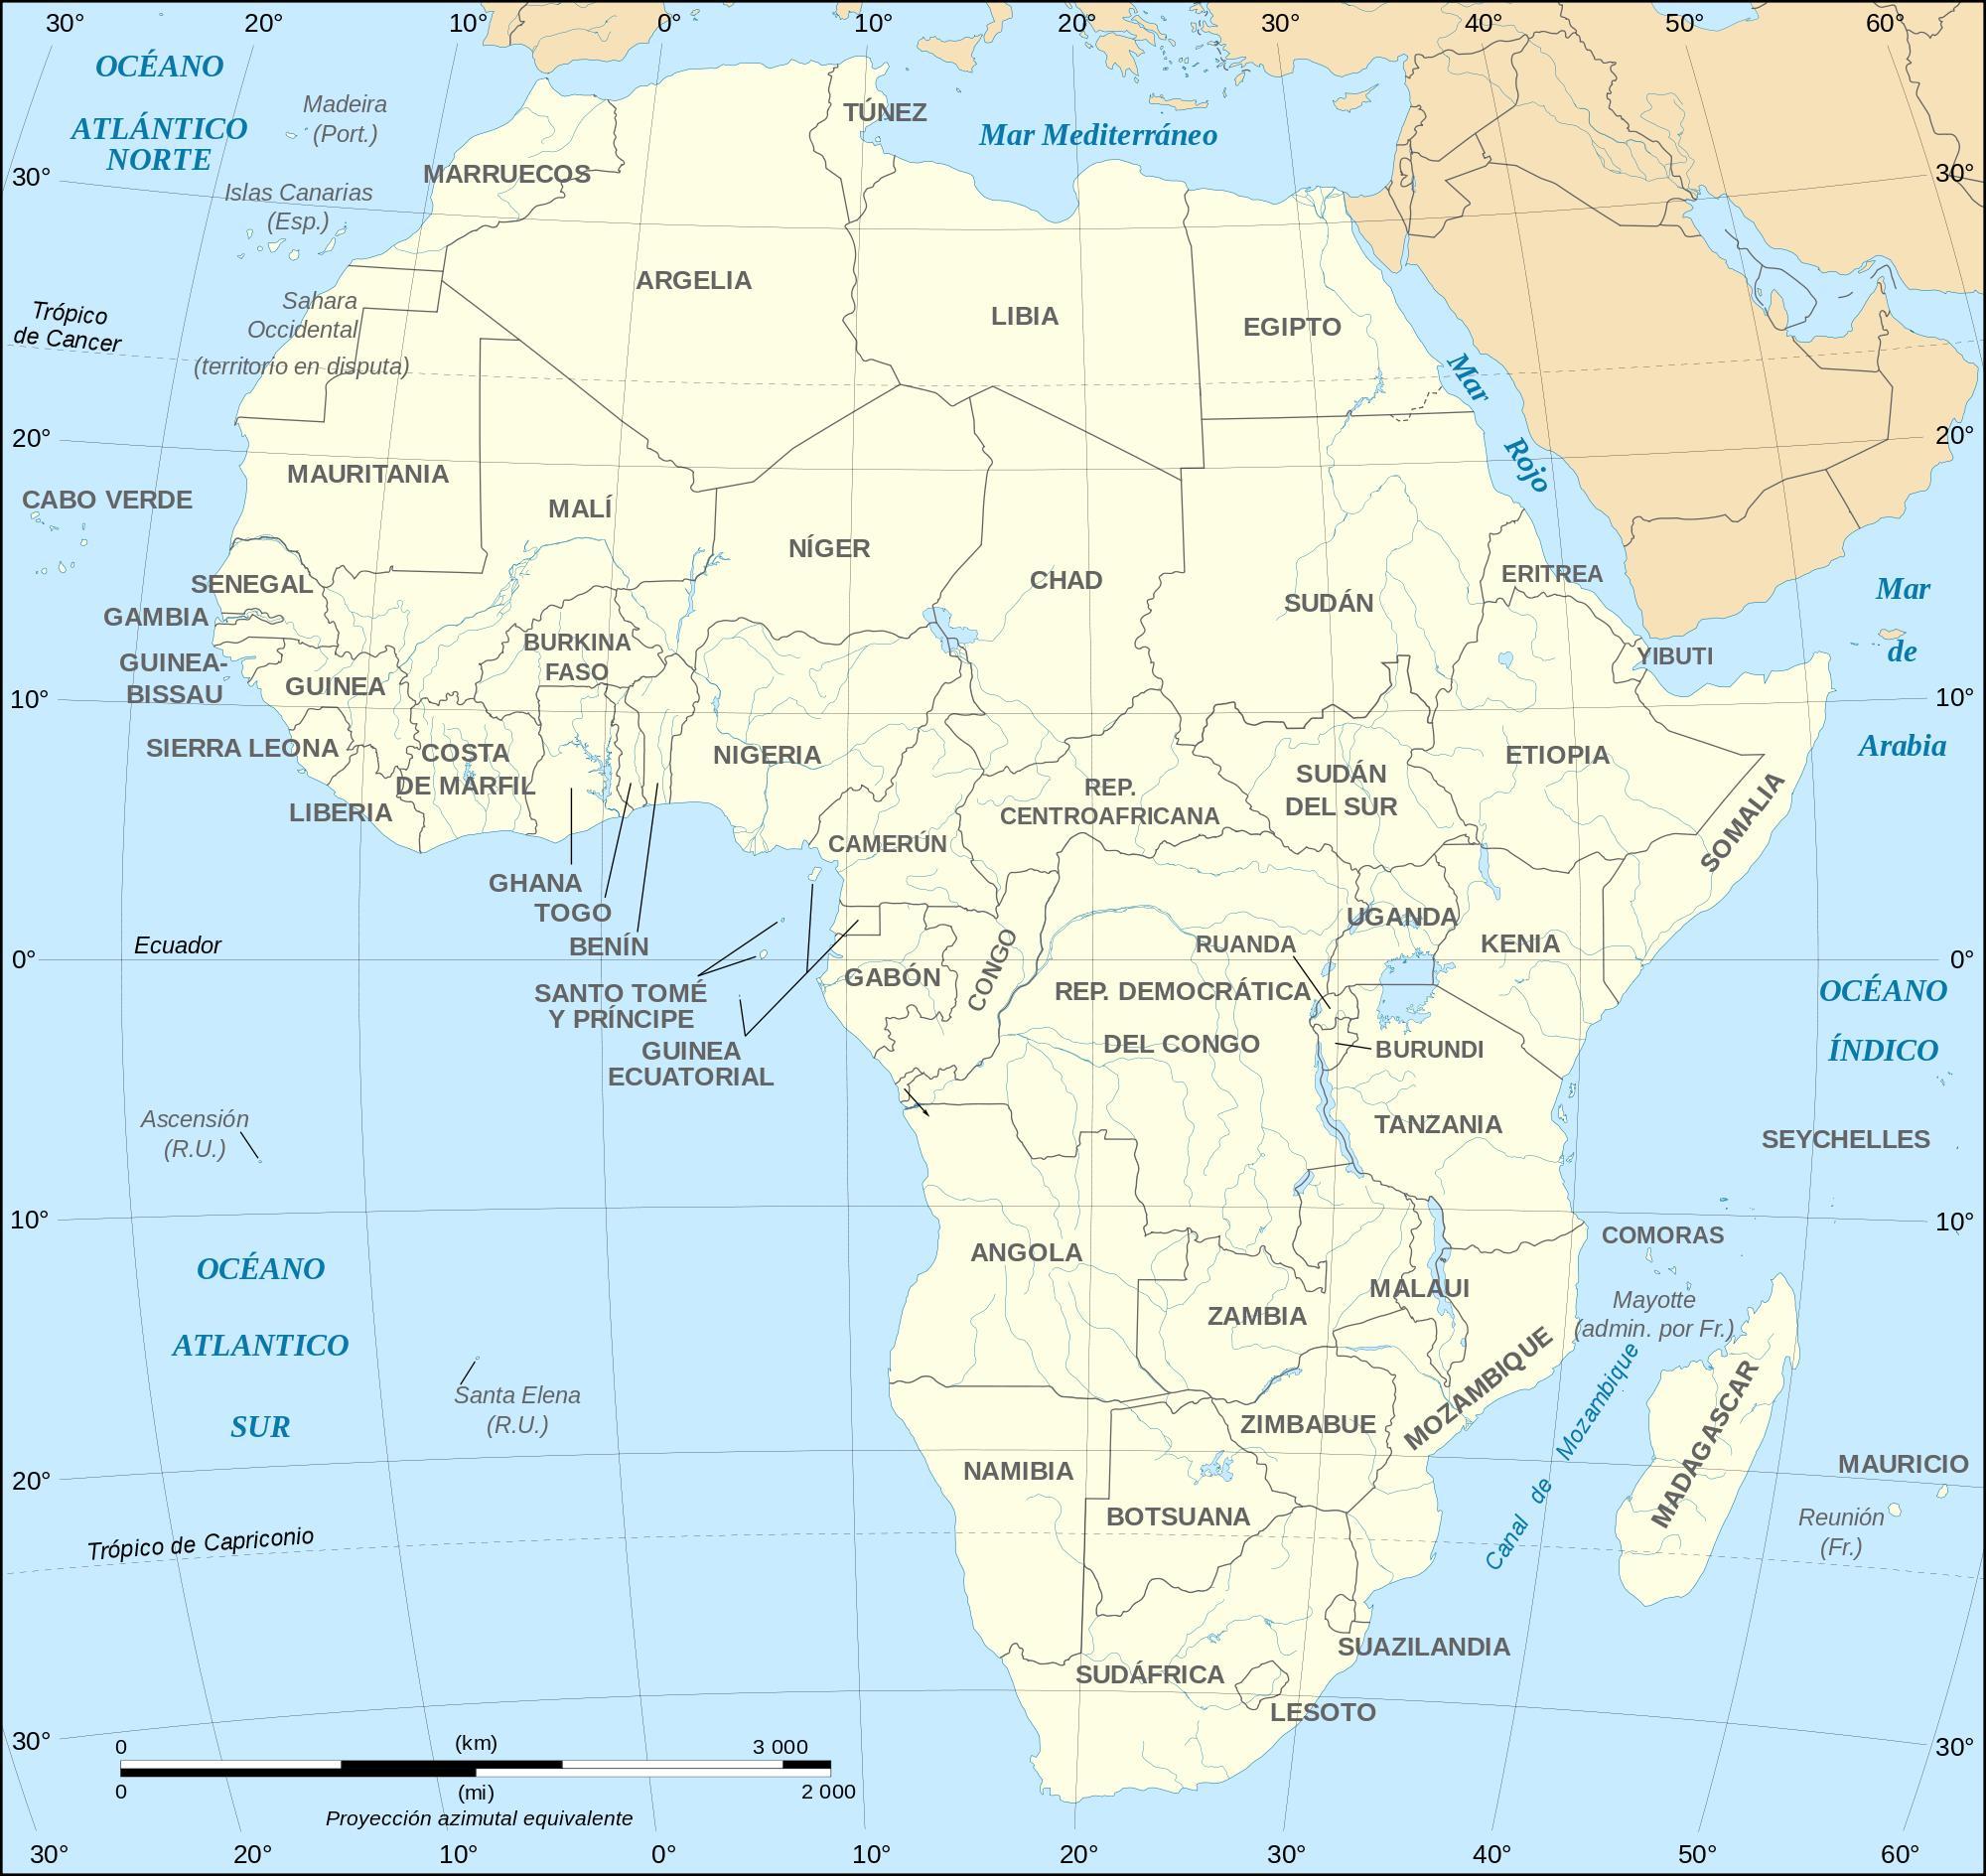 África: Países, Regiones y Capitales